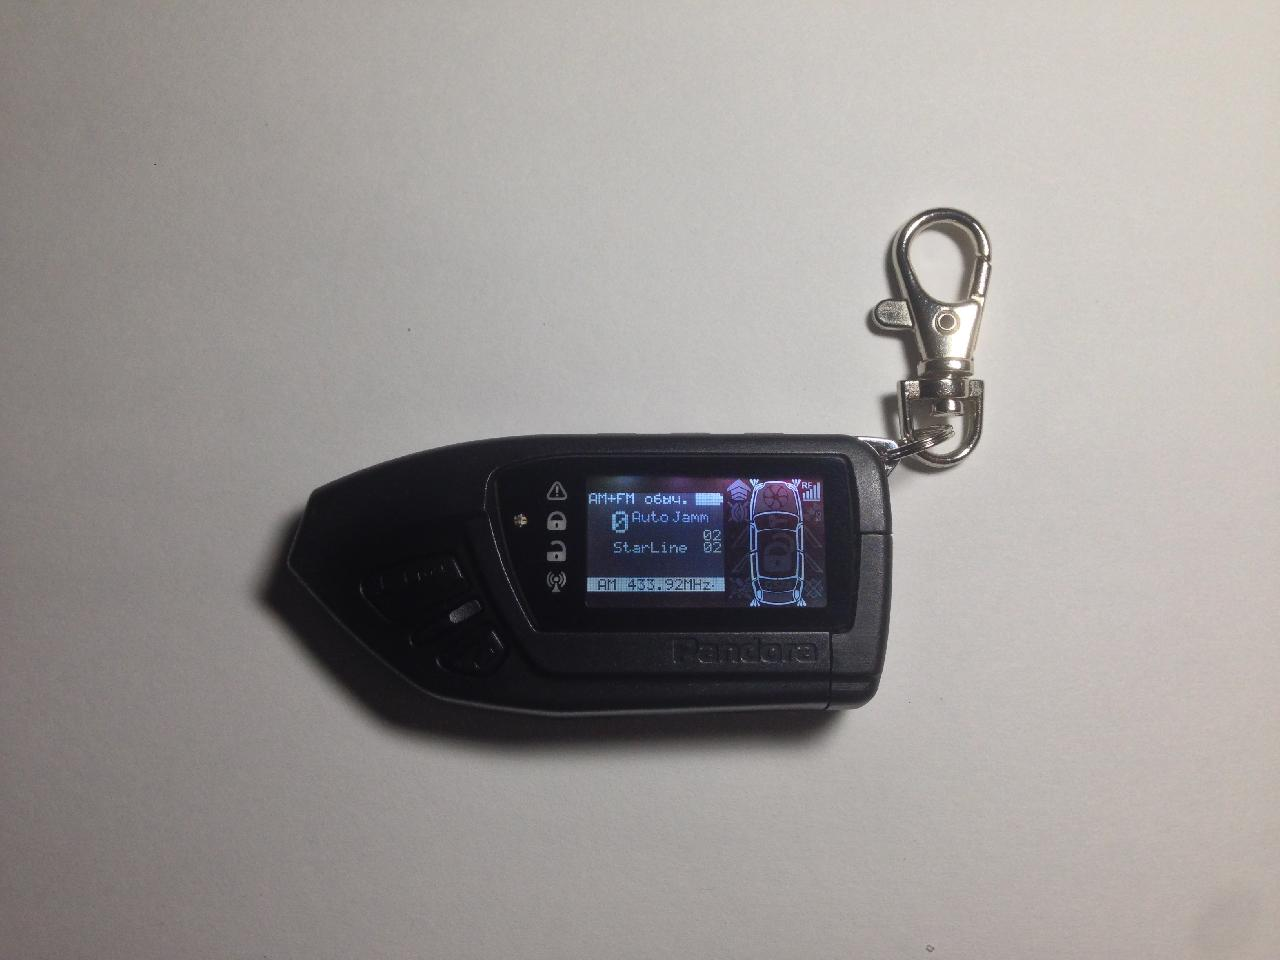 Кодграббер своими руками из телефона андроид